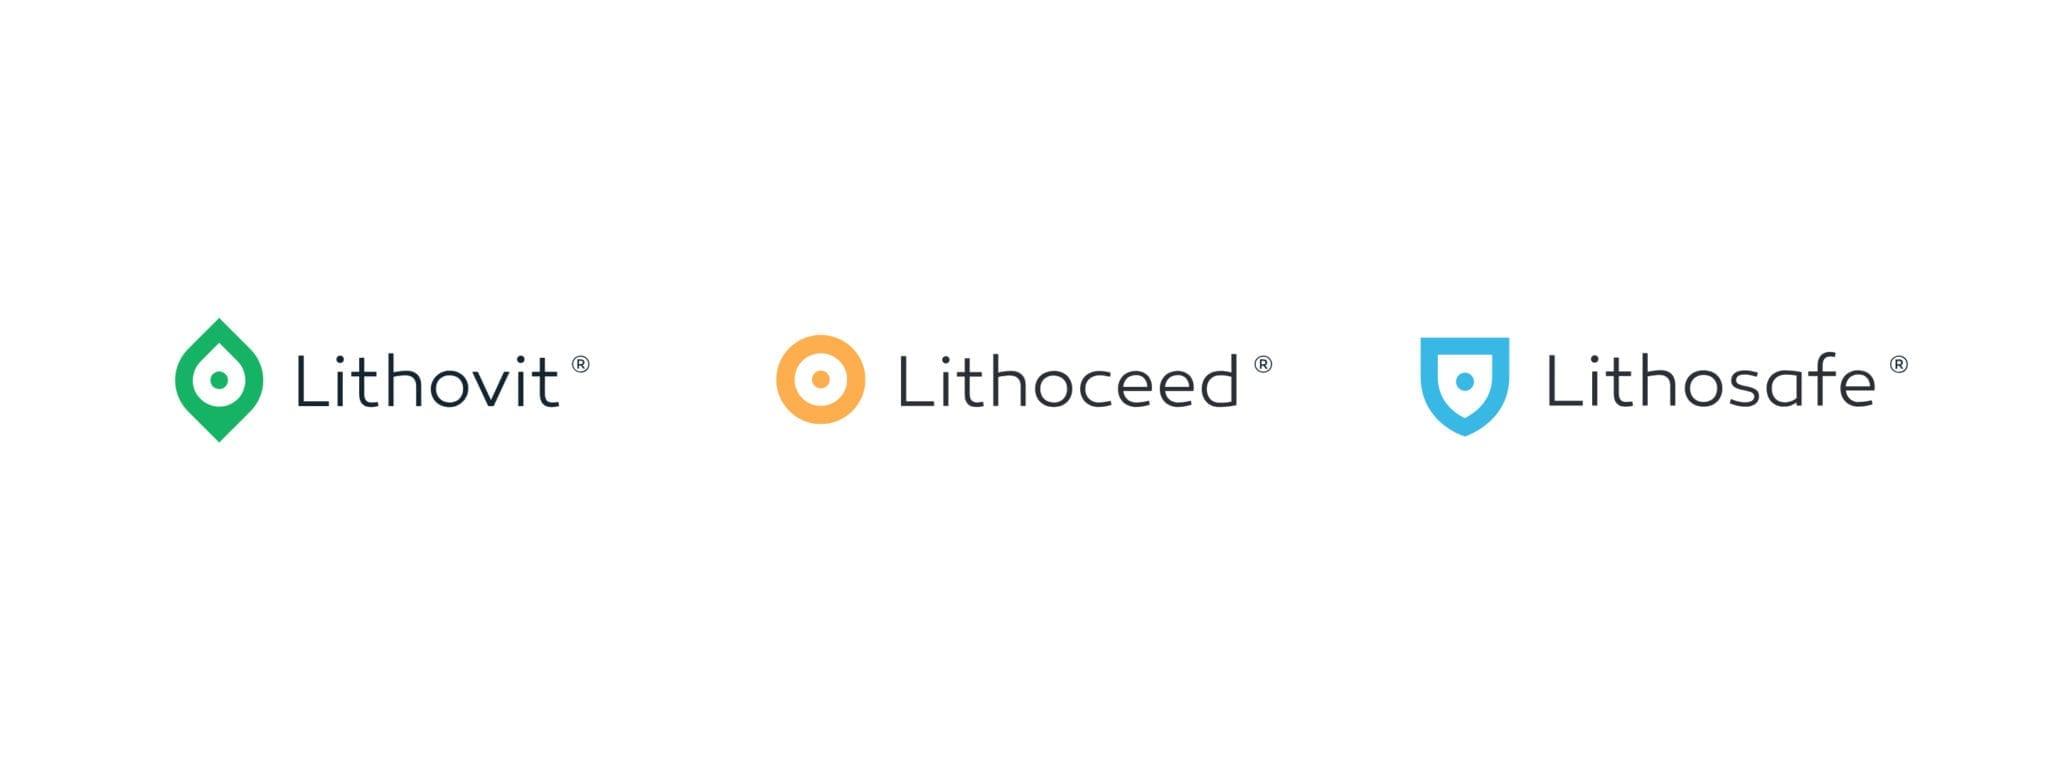 Tribodyn Produktlogos Lithovit, Lithoceed, Lithosafe